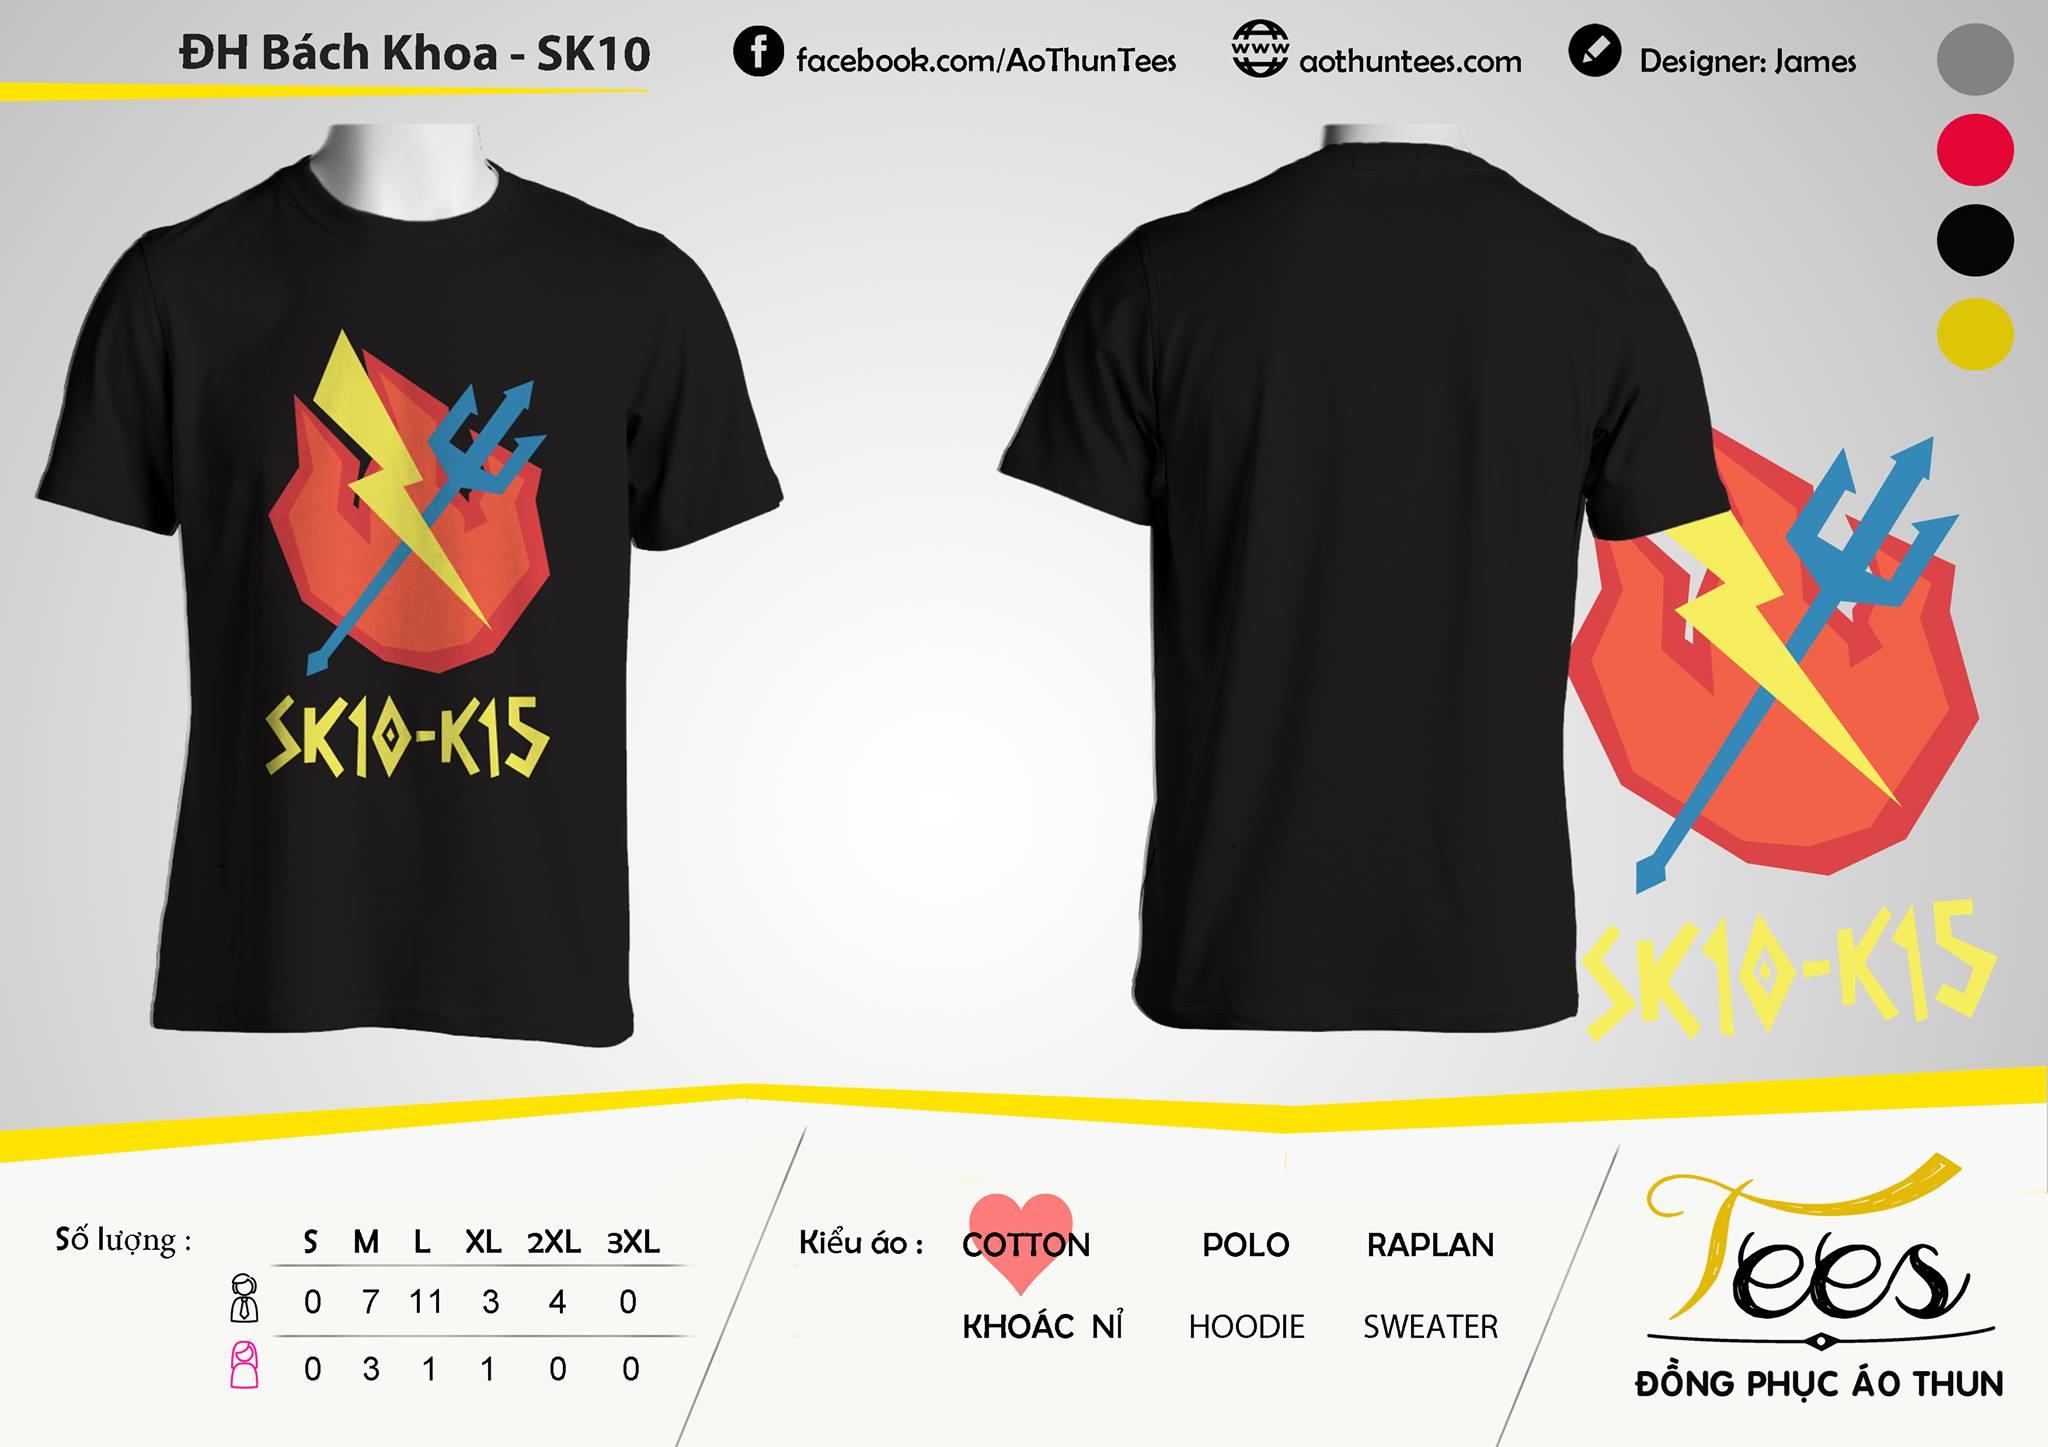 Mẫu áo thun màu đen của lớp SK10 K15 trường Đại Học Bách Khoa